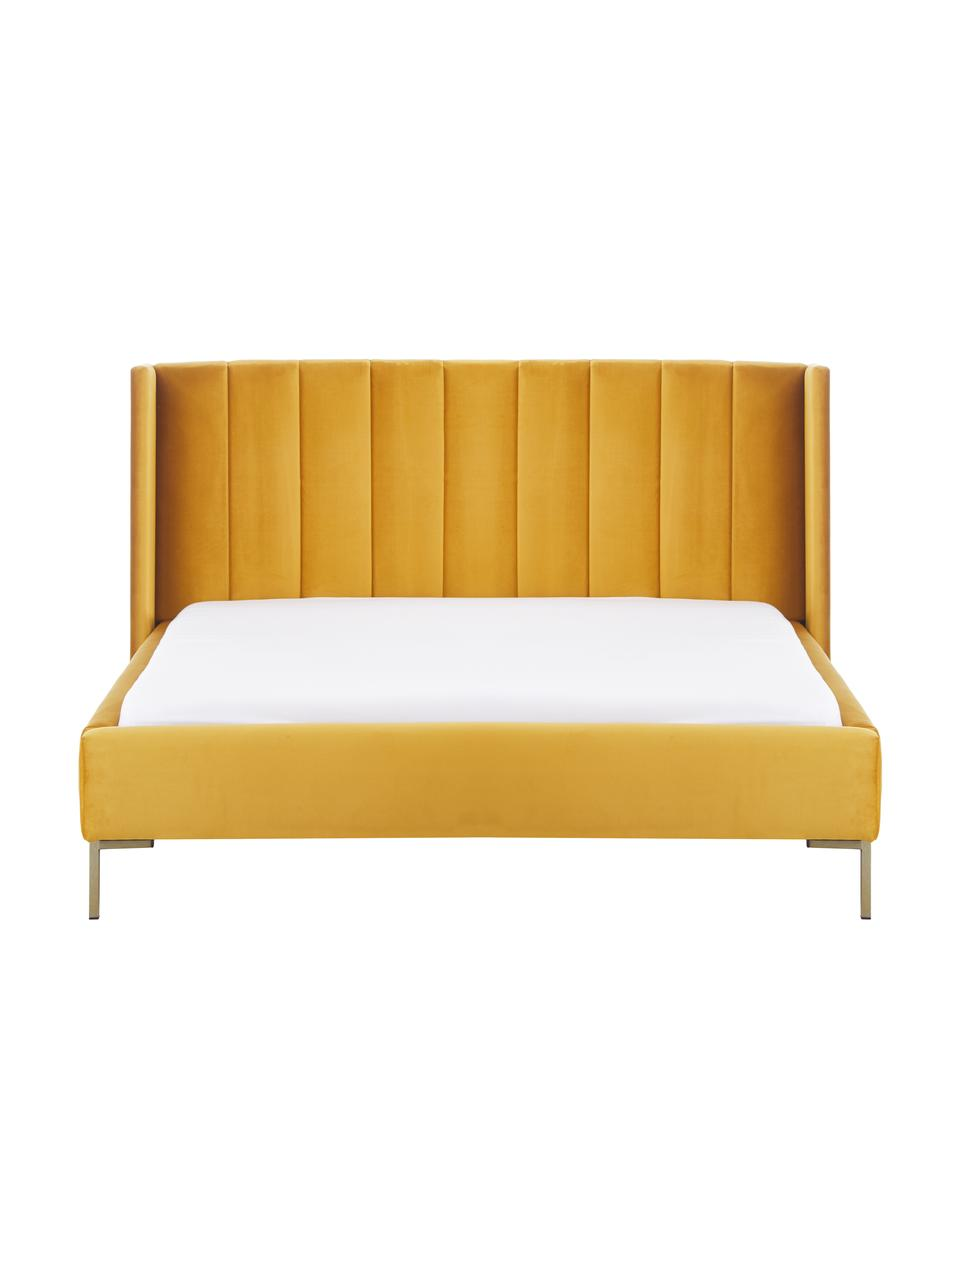 Letto imbottito in velluto giallo Dusk, Rivestimento: tessuto finemente struttu, Piedini: metallo verniciato a polv, Velluto giallo, 200 x 200 cm